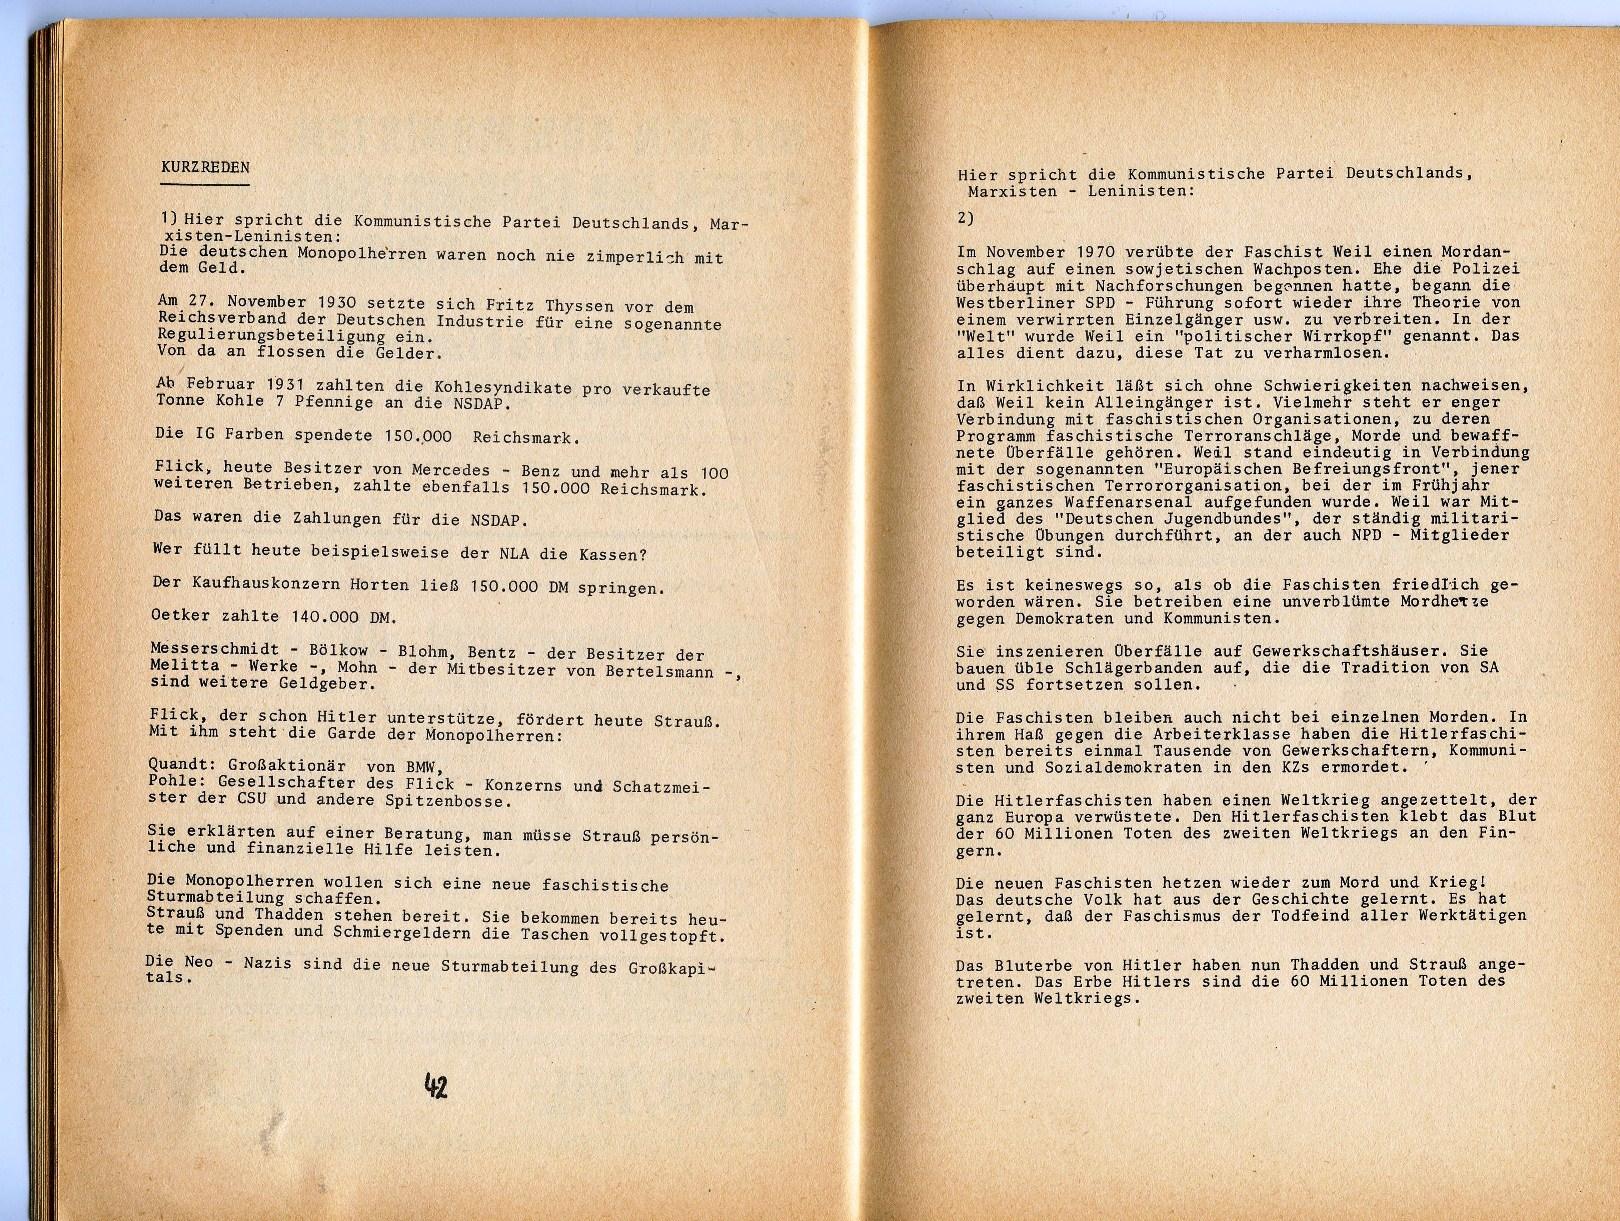 ZB_Parteiarbeiter_1971_Sondernummer_23